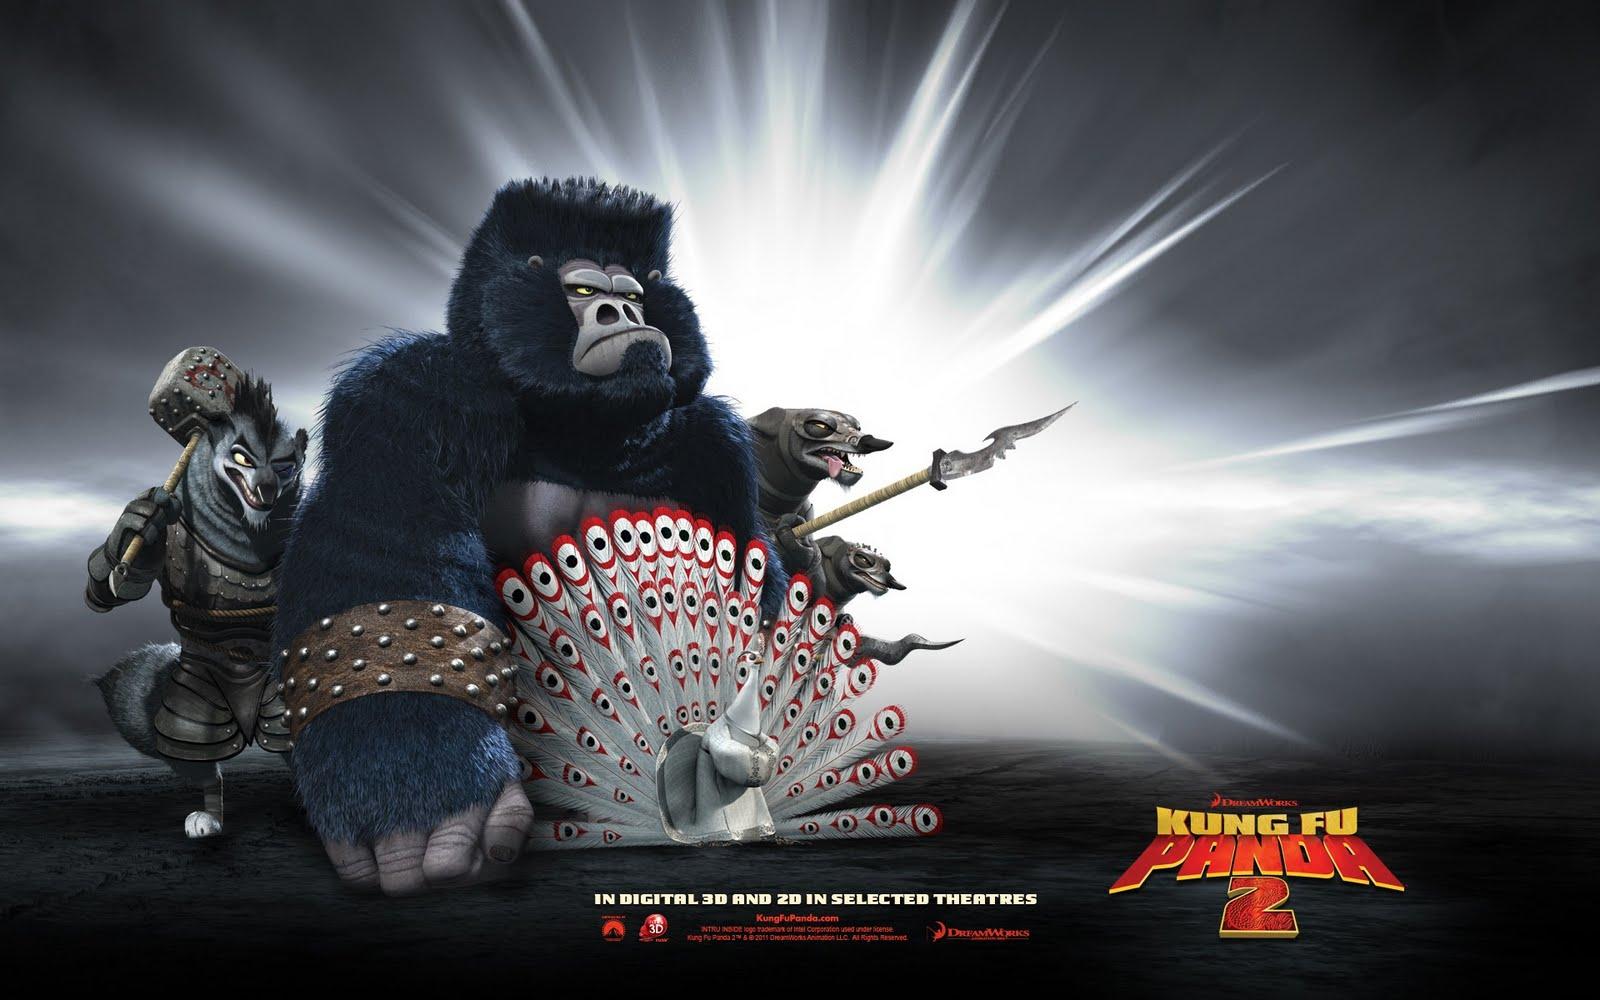 Trololo blogg hd wallpapers kung fu panda 2 - Kung fu panda wallpaper ...